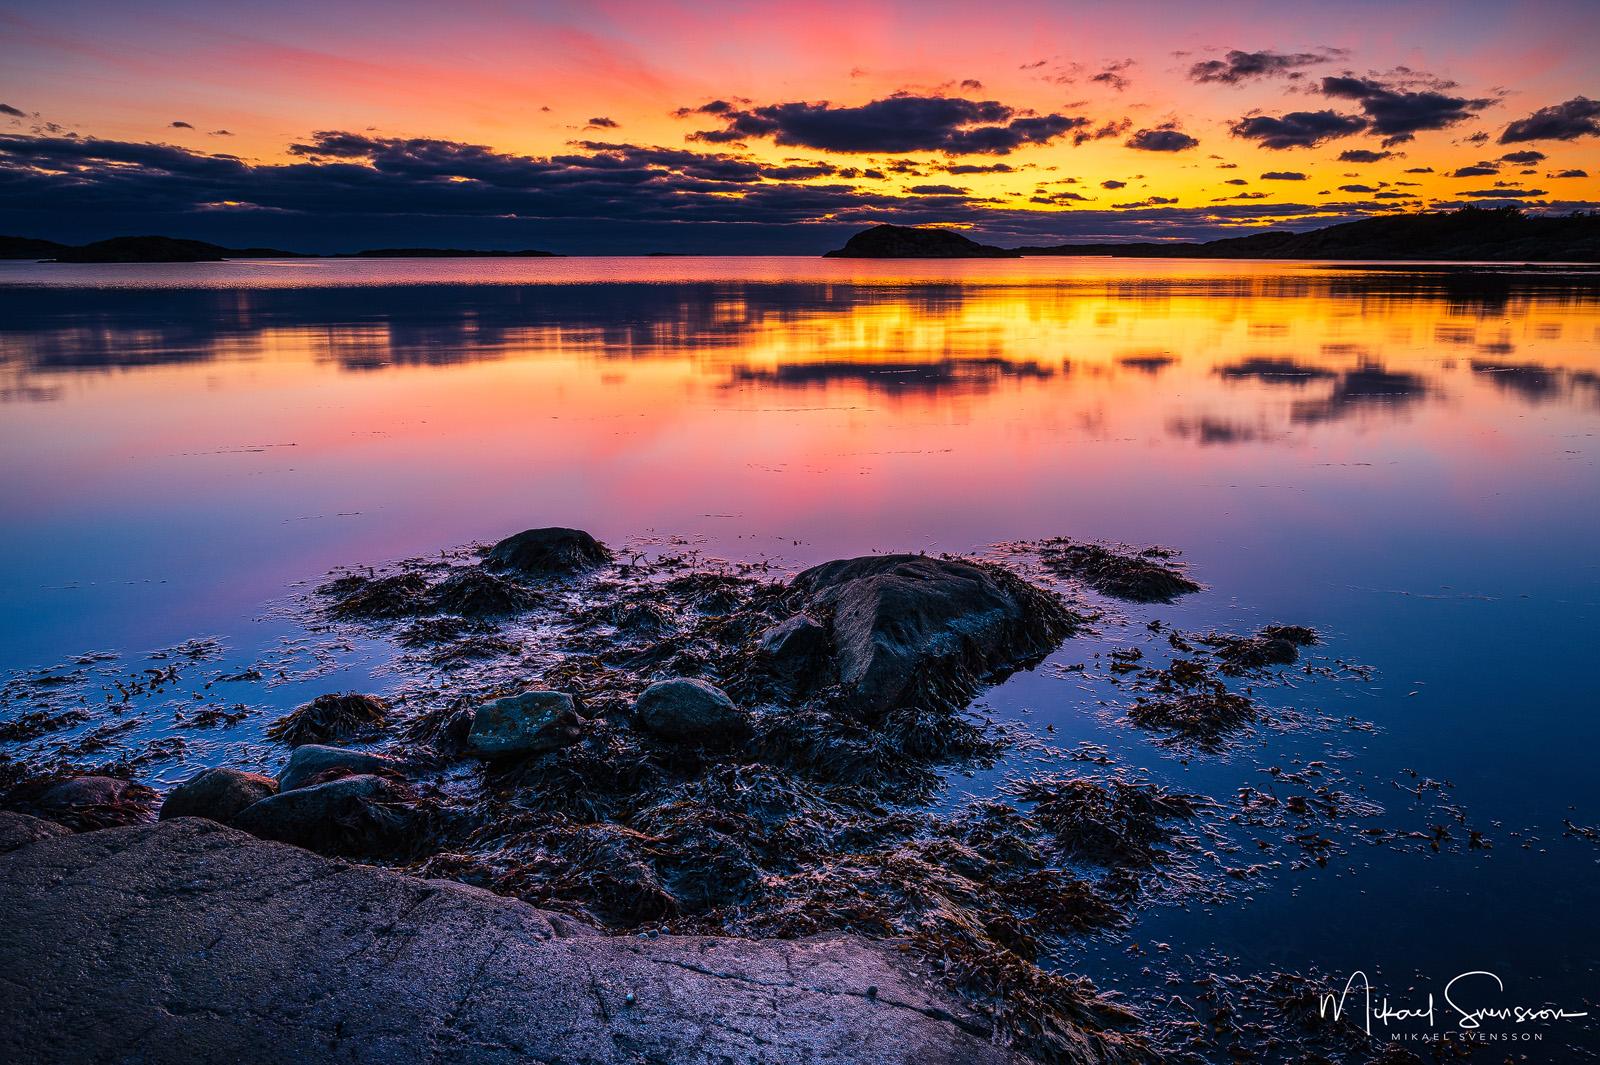 Solnedgång vid Smarholmen, Halland.